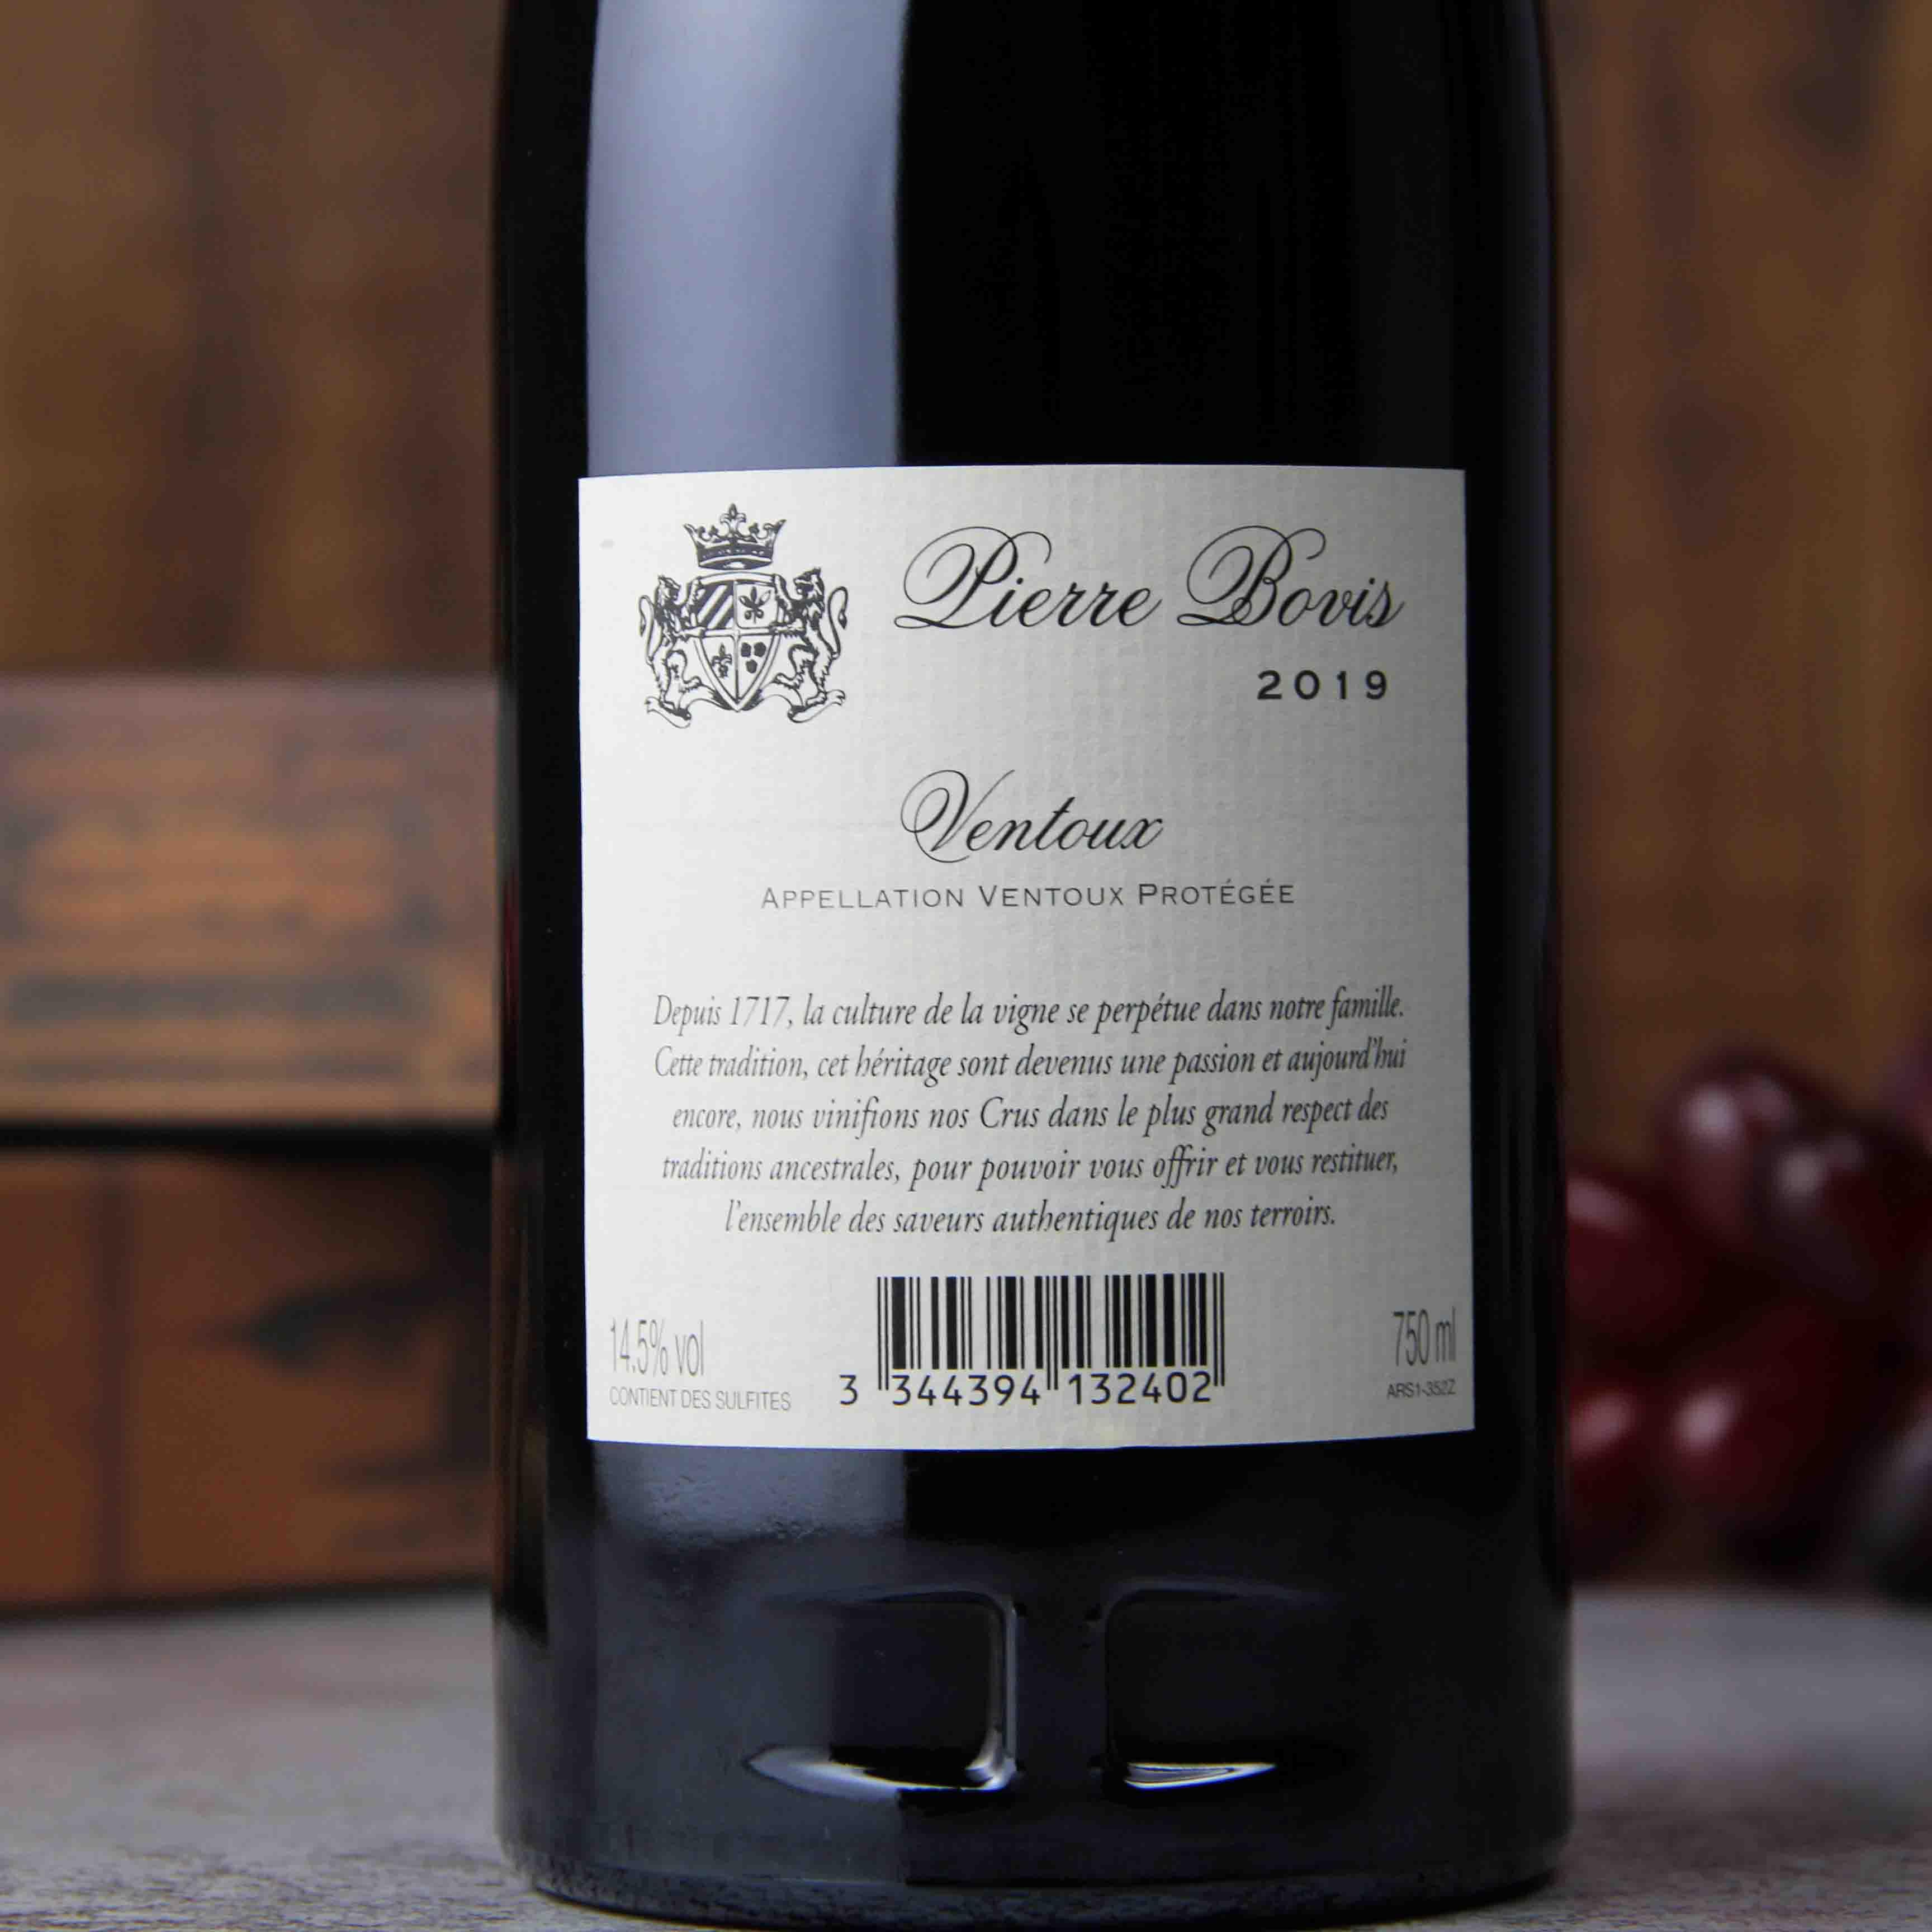 法国风都产区风都佳酿干红葡萄酒